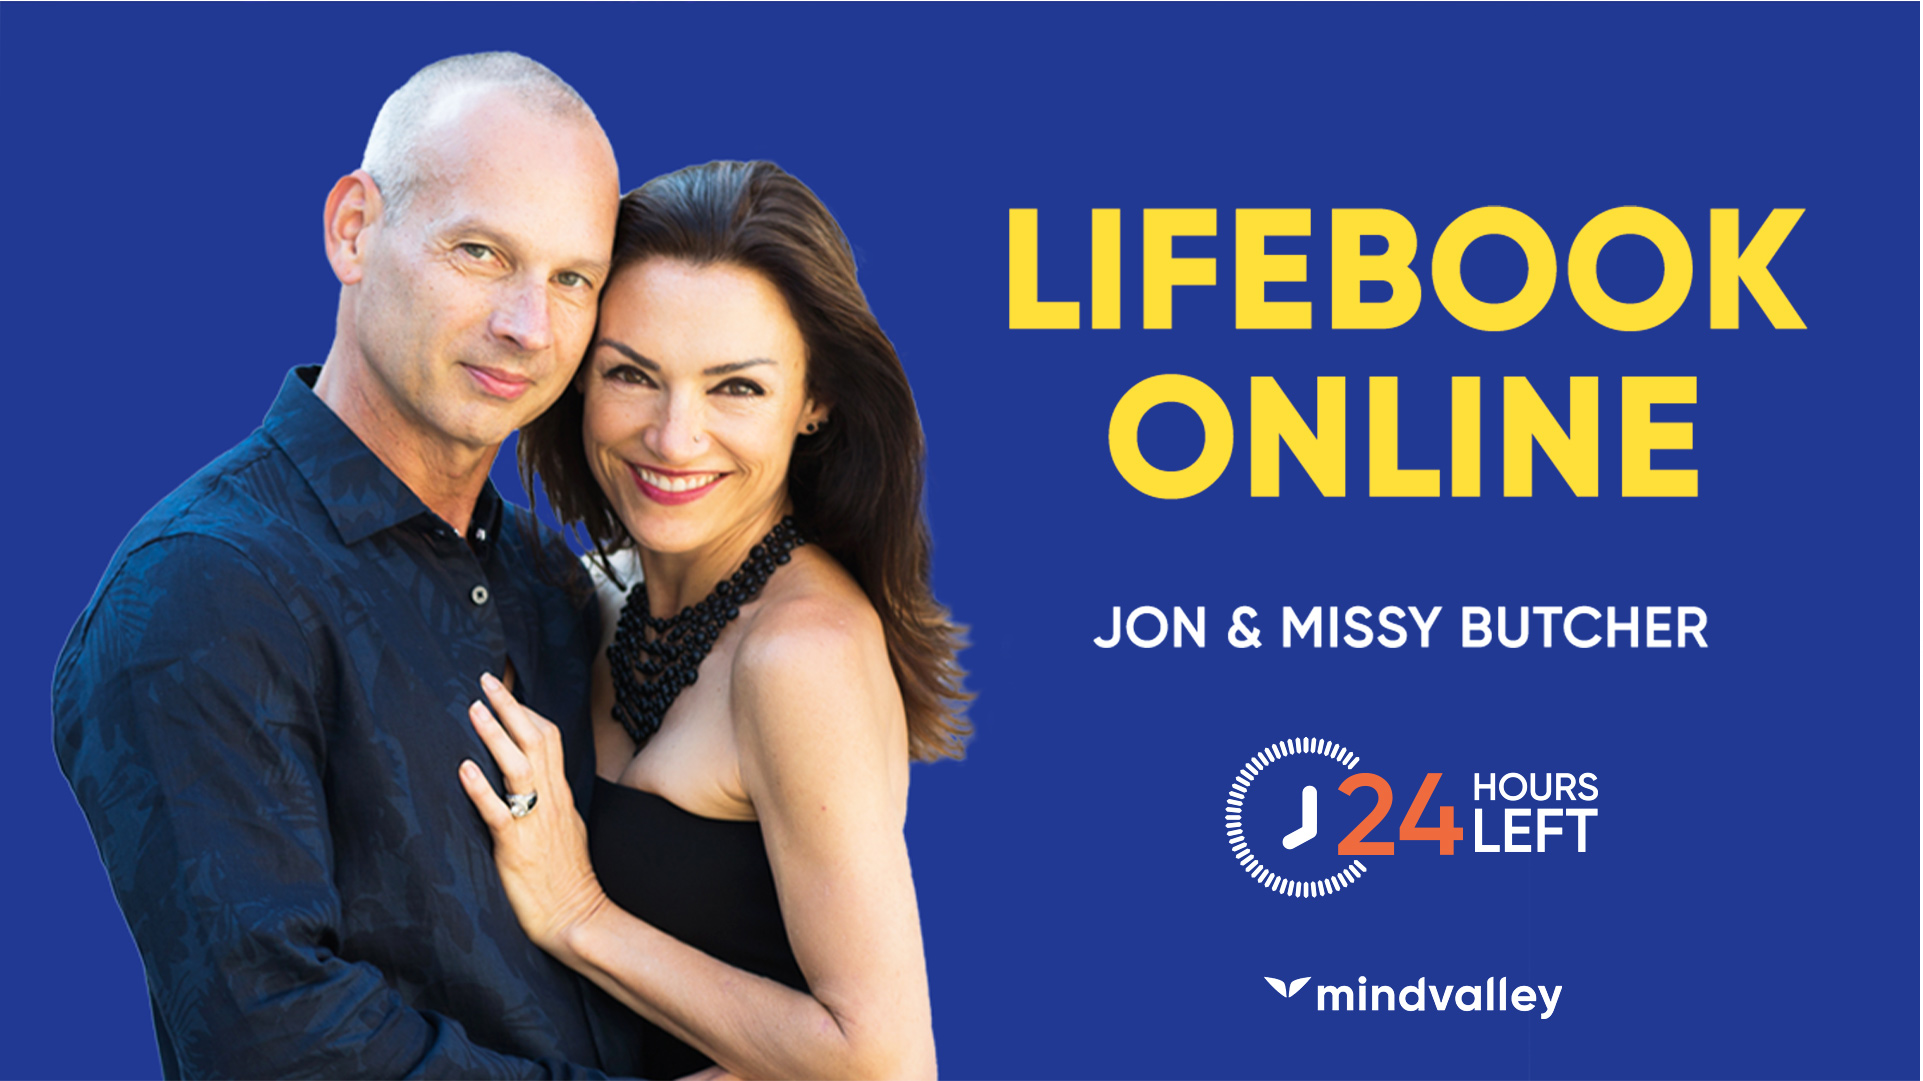 Lifebook Online